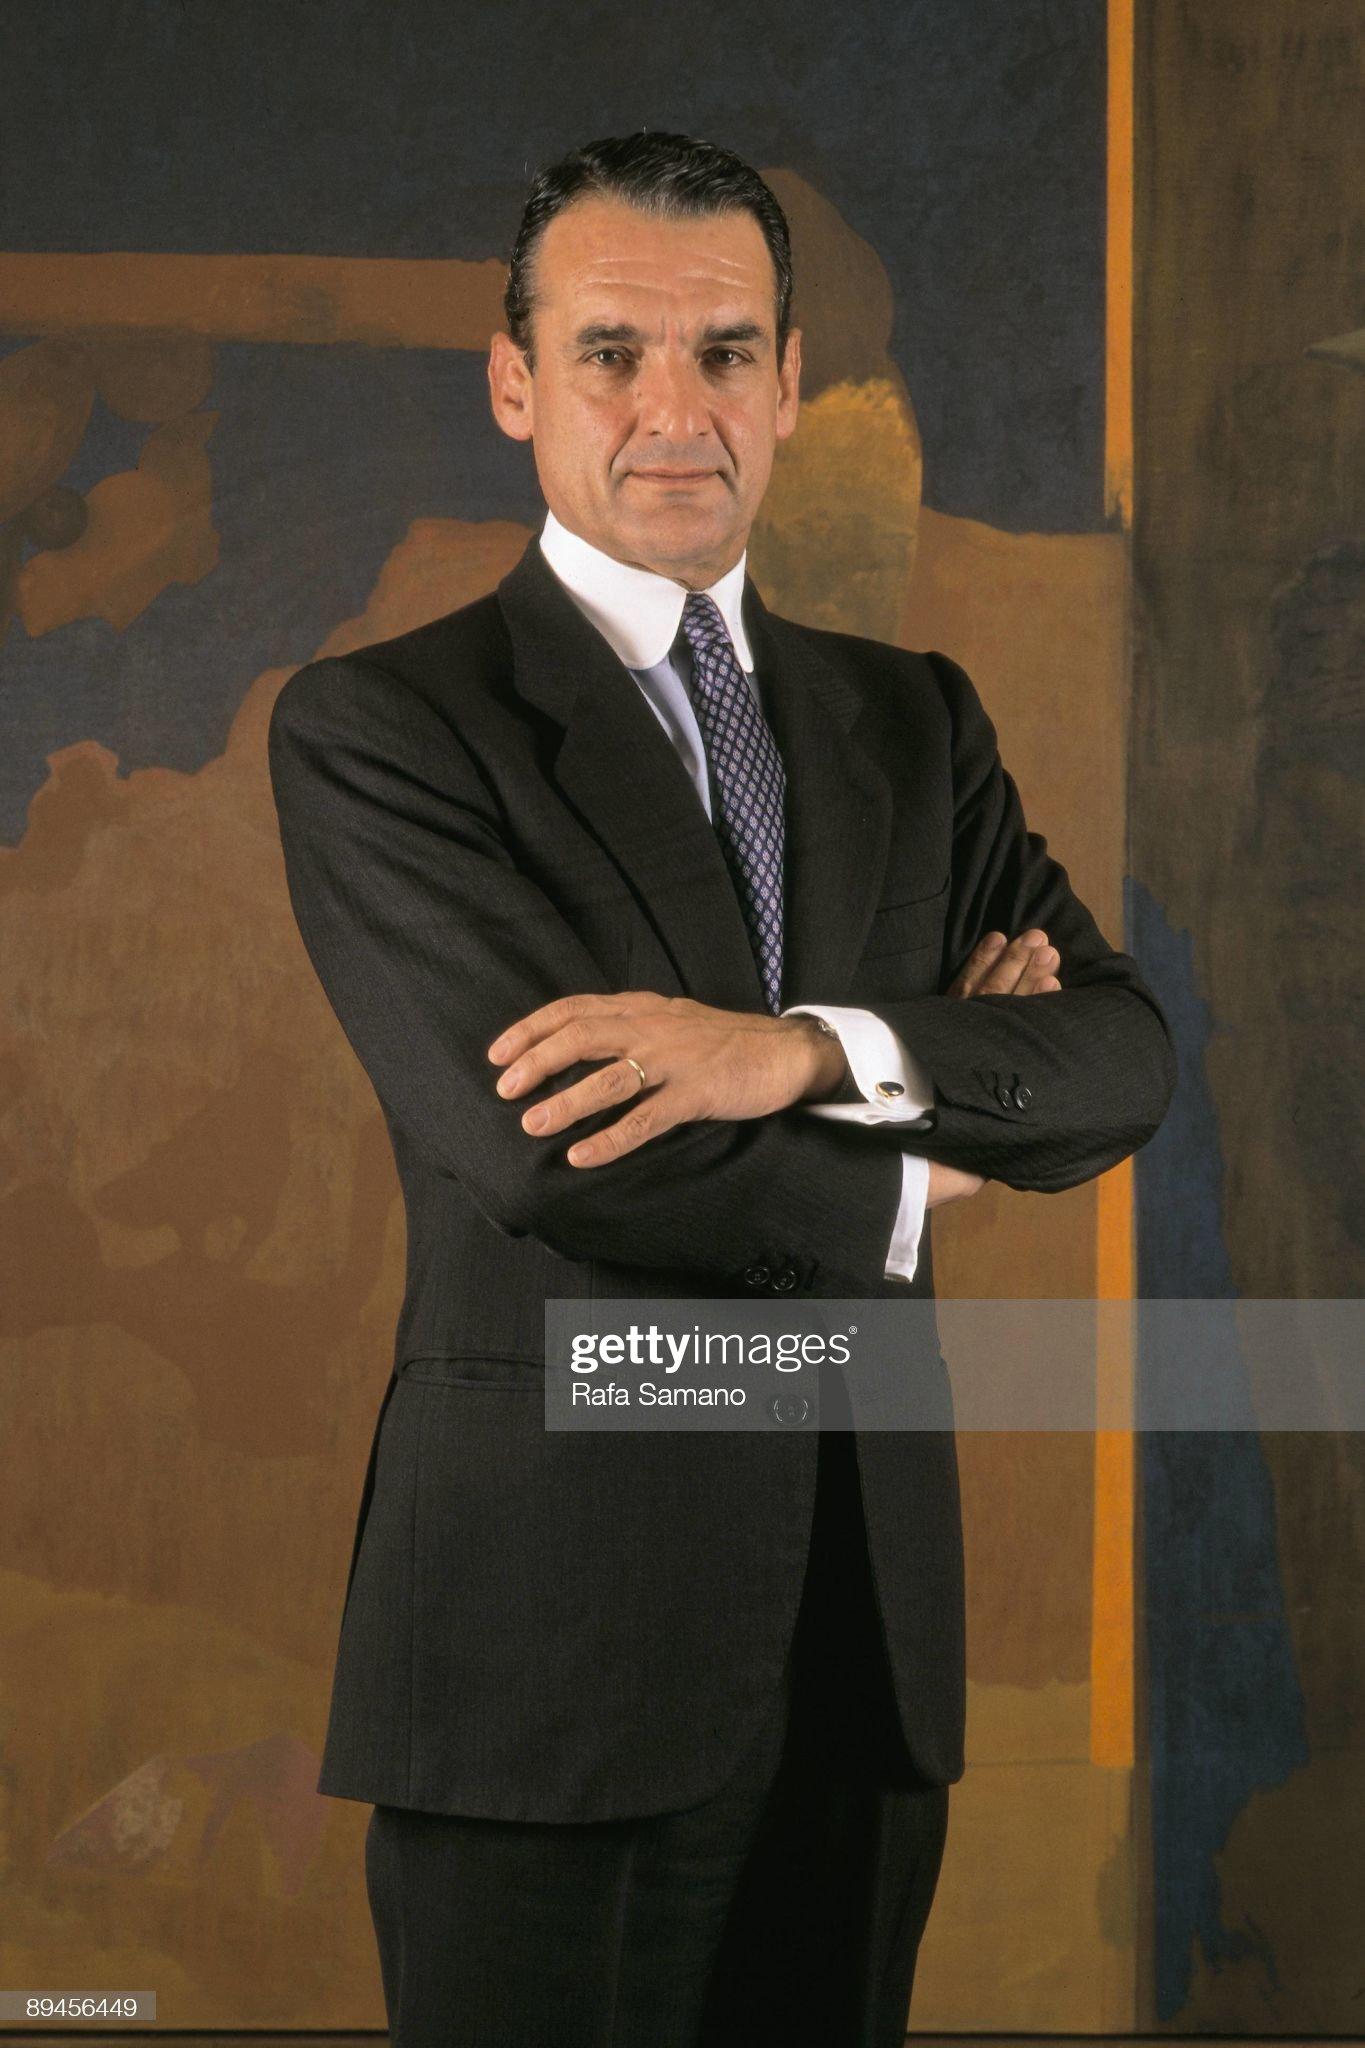 ¿Cuánto mide Mario Conde? - Altura Mario-conde-financier-picture-id89456449?s=2048x2048